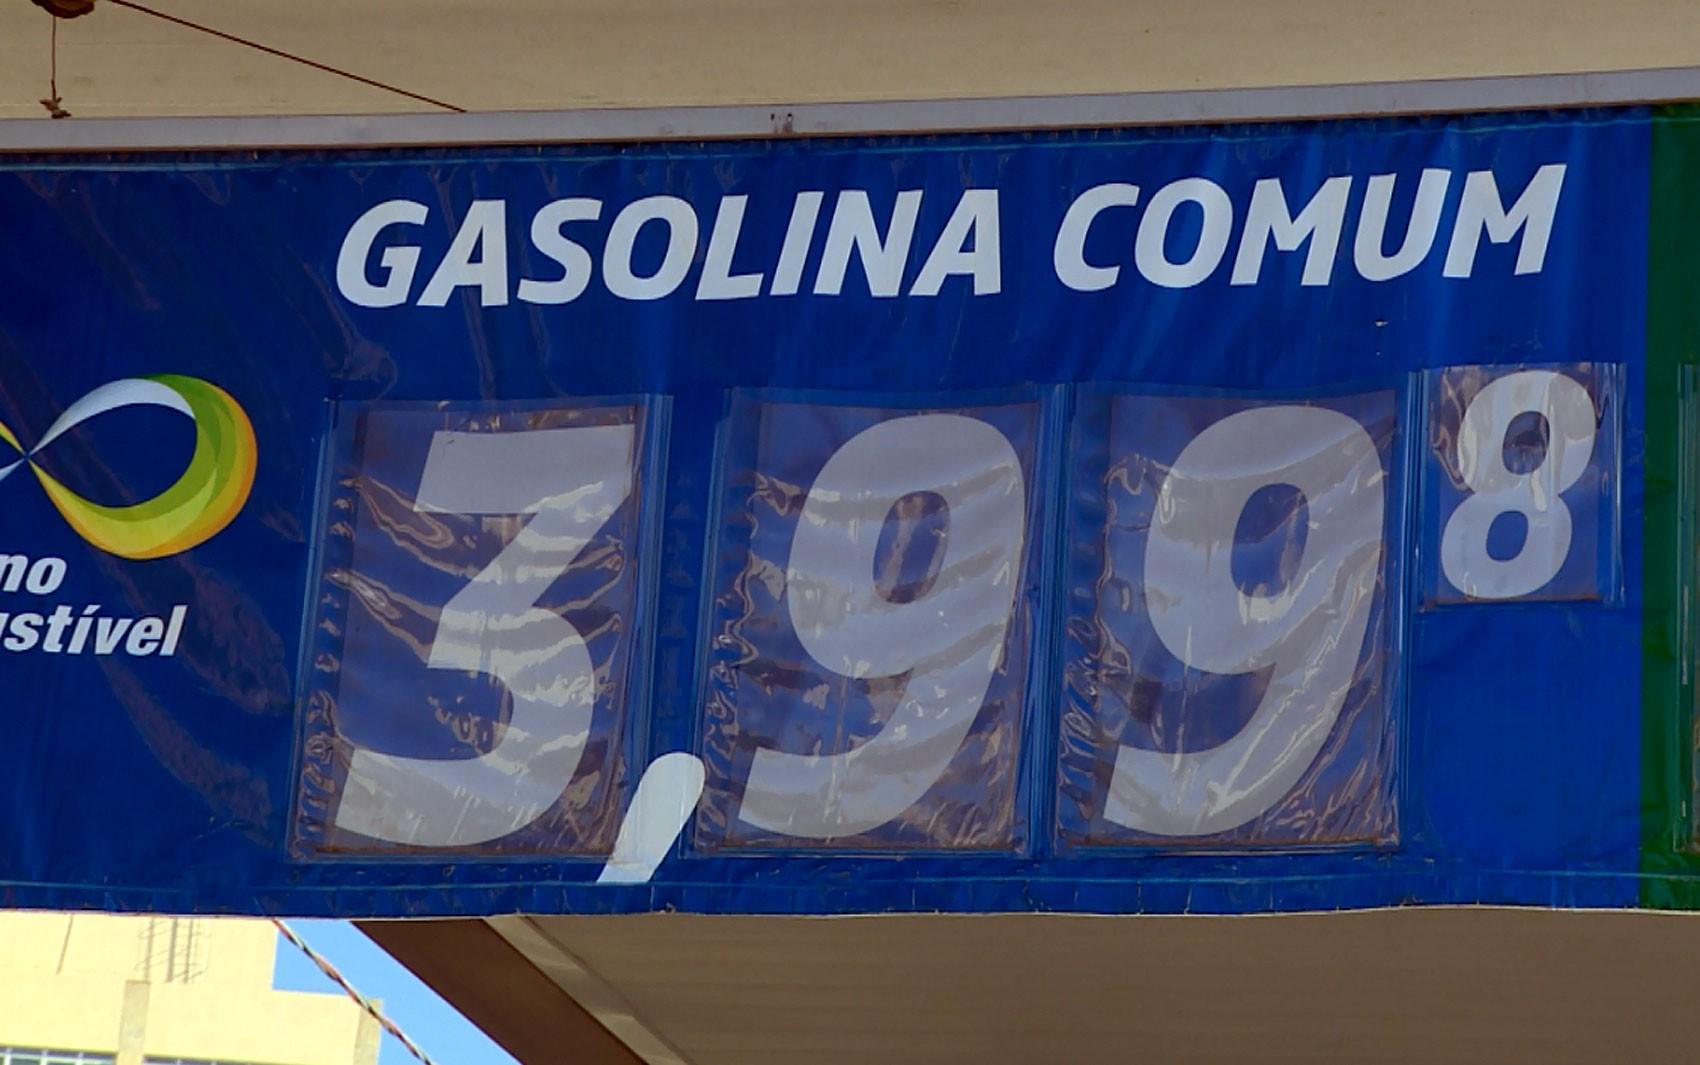 Gasolina fica abaixo de R$ 4 pela primeira vez no ano em Porto Velho - Notícias - Plantão Diário